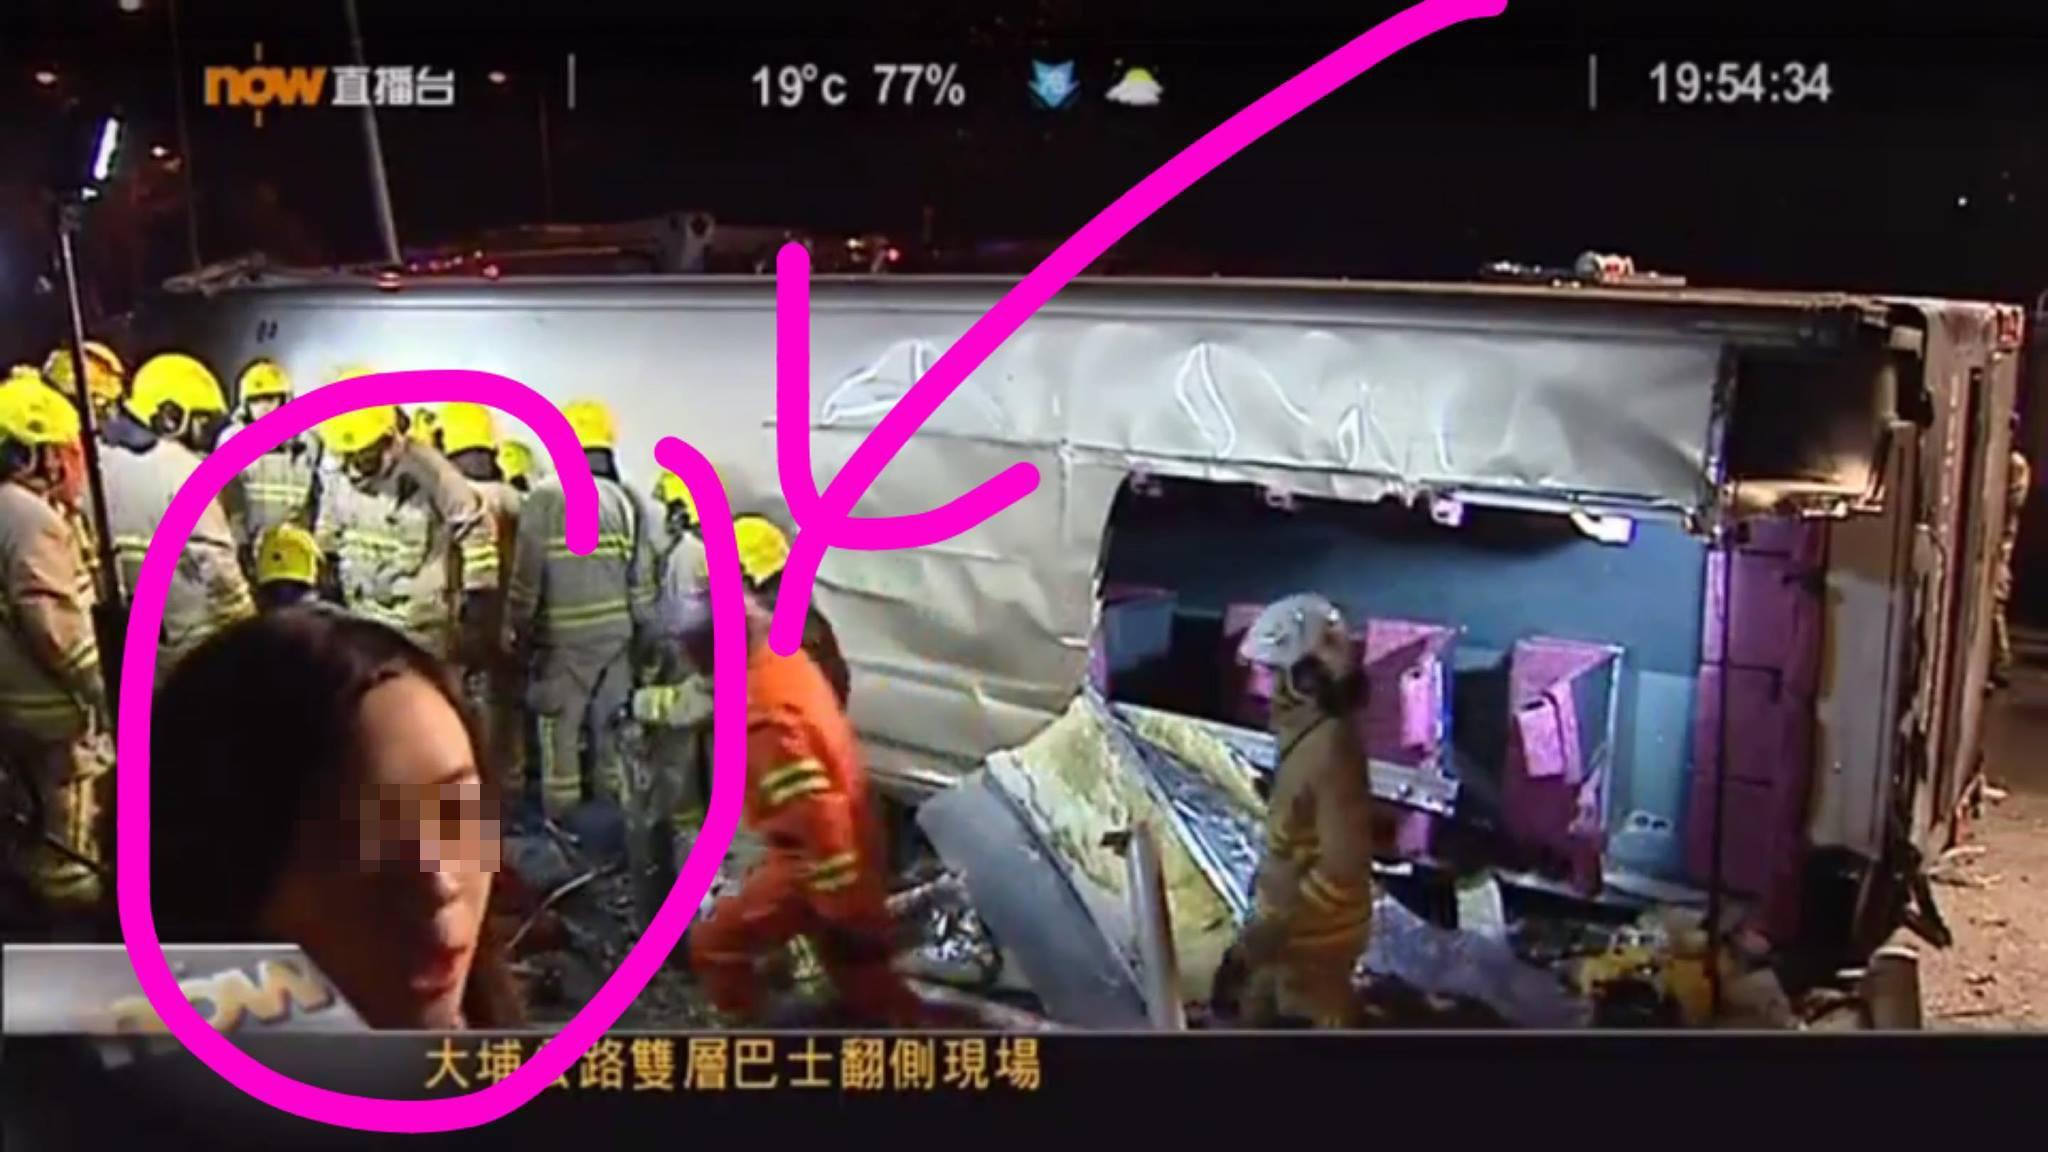 香港巴士侧翻现场 记者为直播让救援人员等几分钟